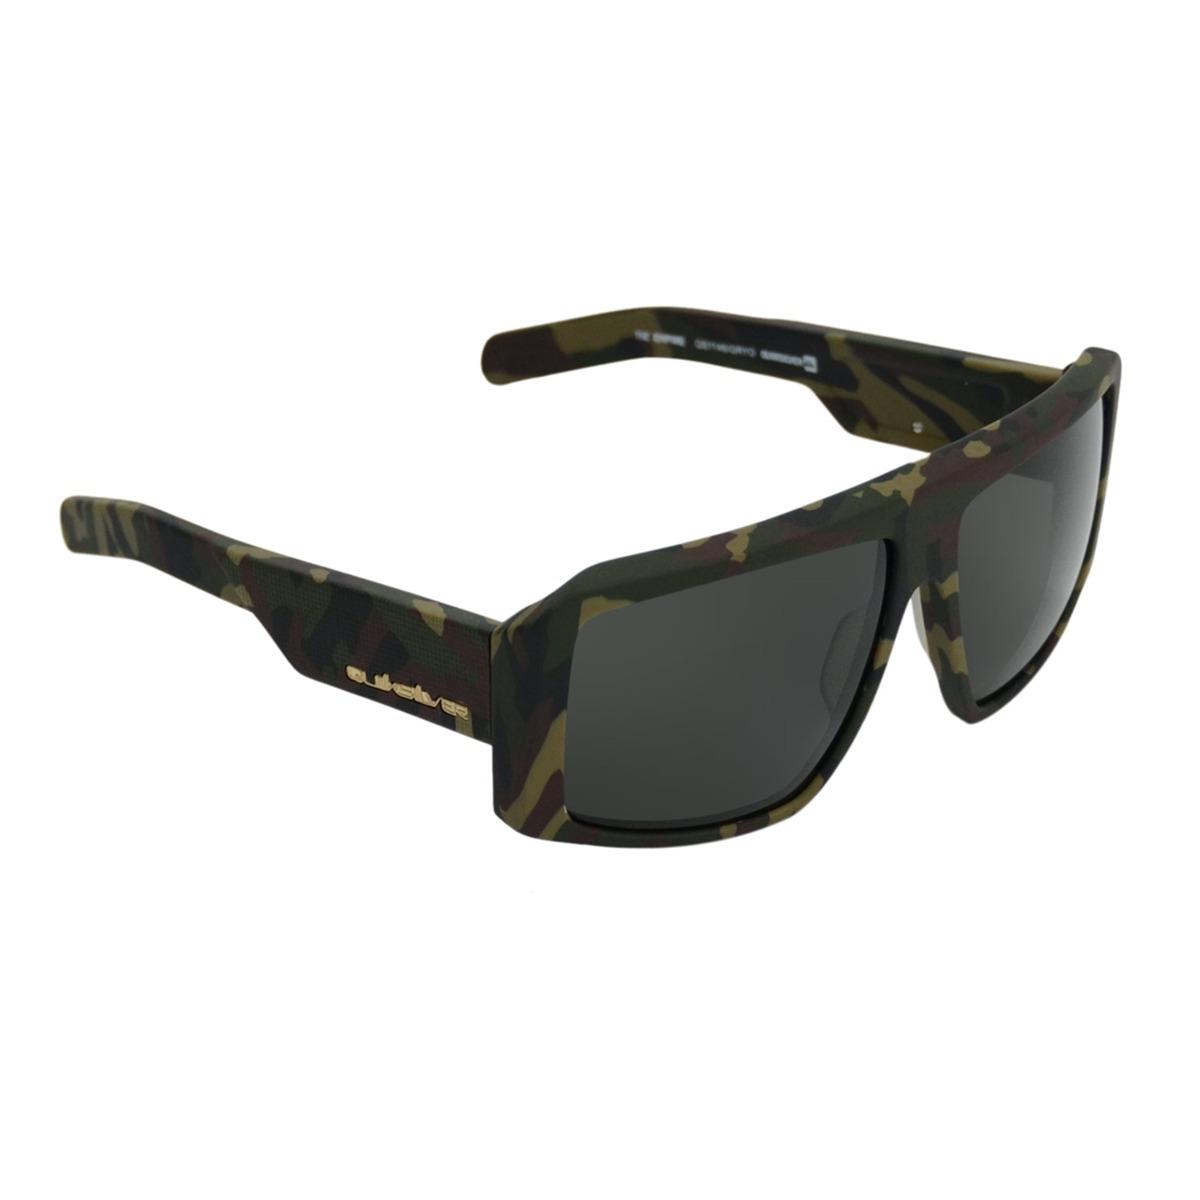 O Óculos Masculino Quiksilver Empire Black Camo - R  129,90 em ... 54fe1112c0